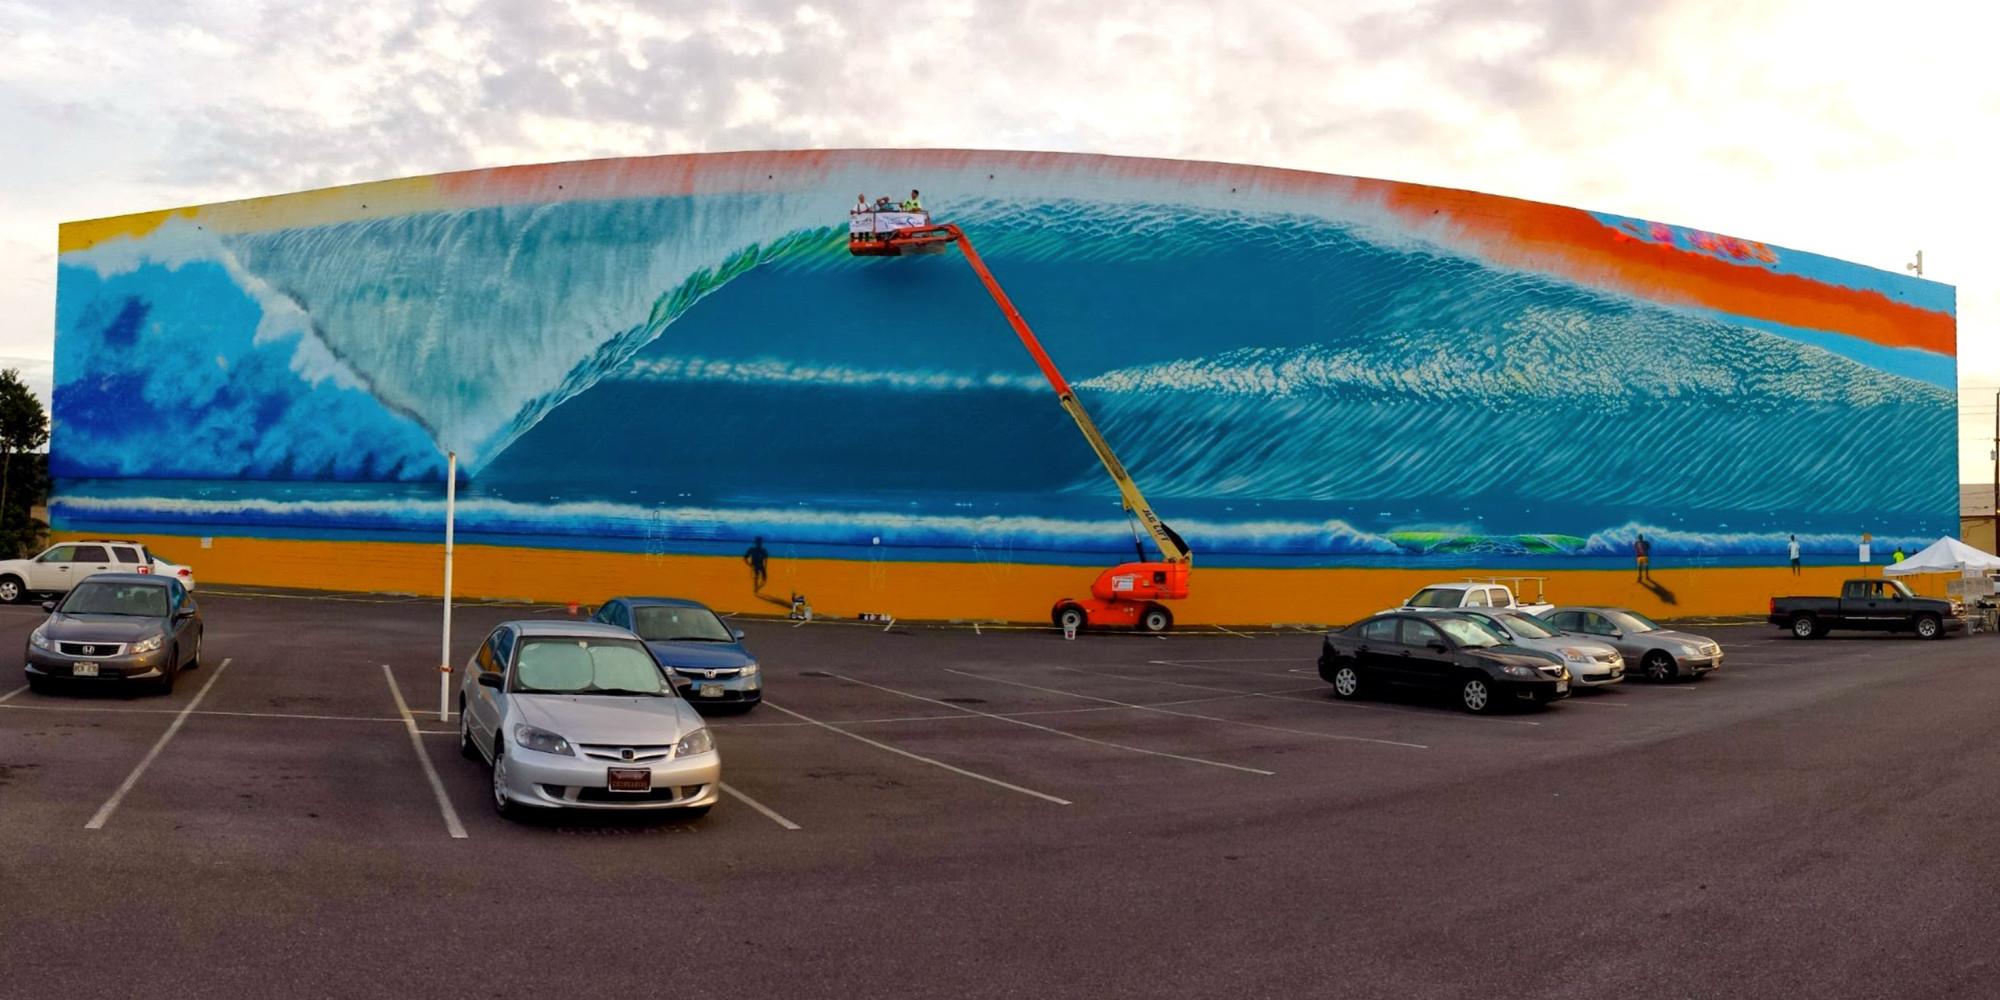 BP_Hilton_alves_Surf_art.jpg